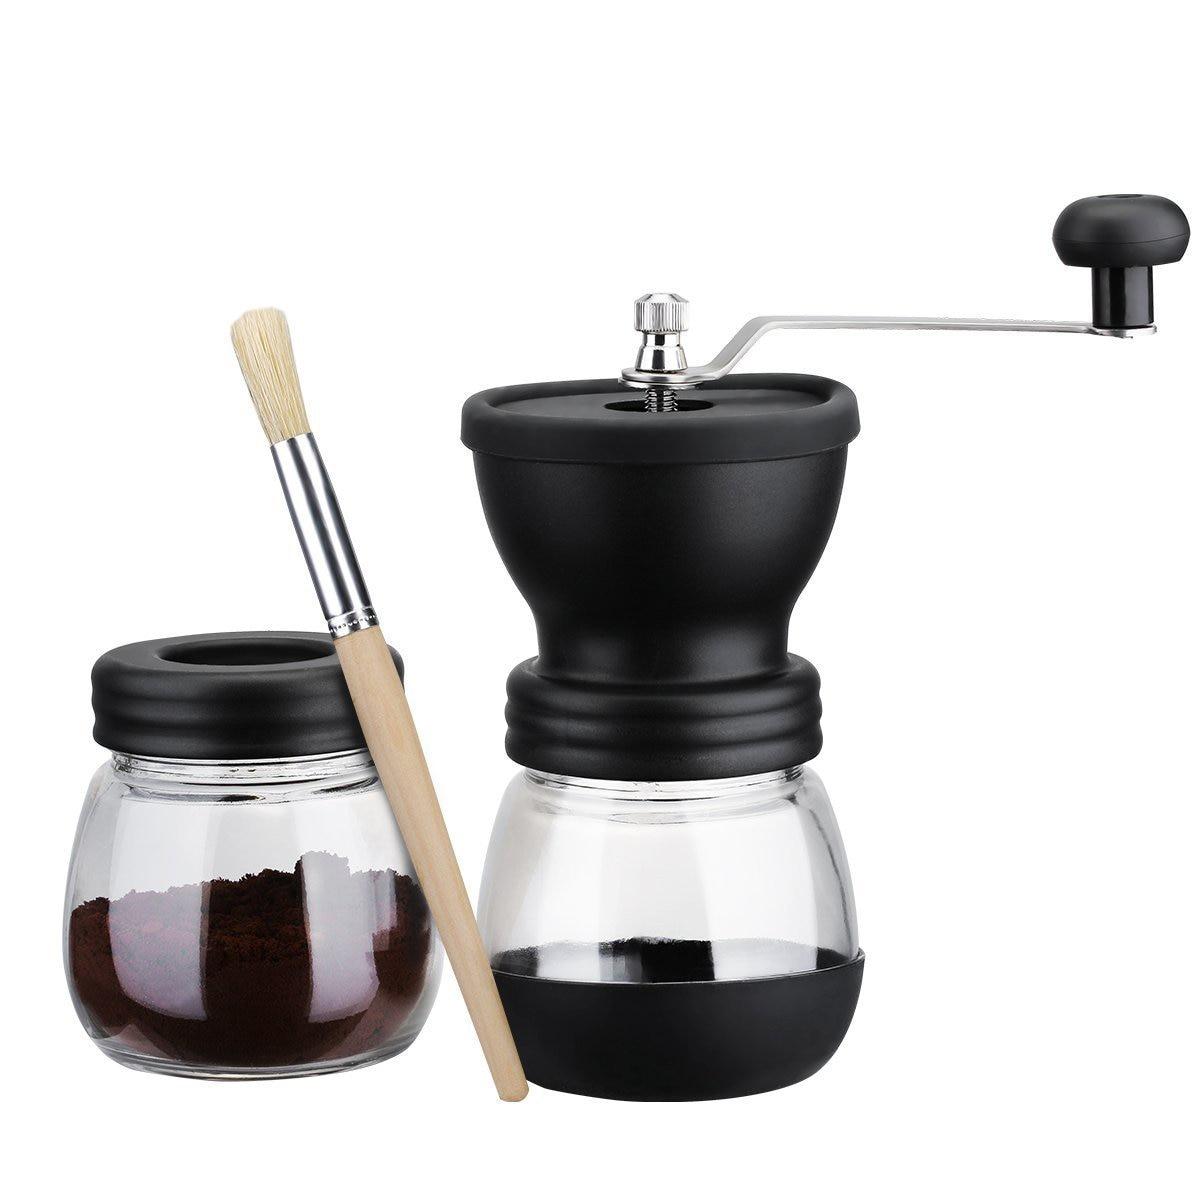 HOT Manual <font><b>Coffee</b></font> <font><b>Grinder</b></